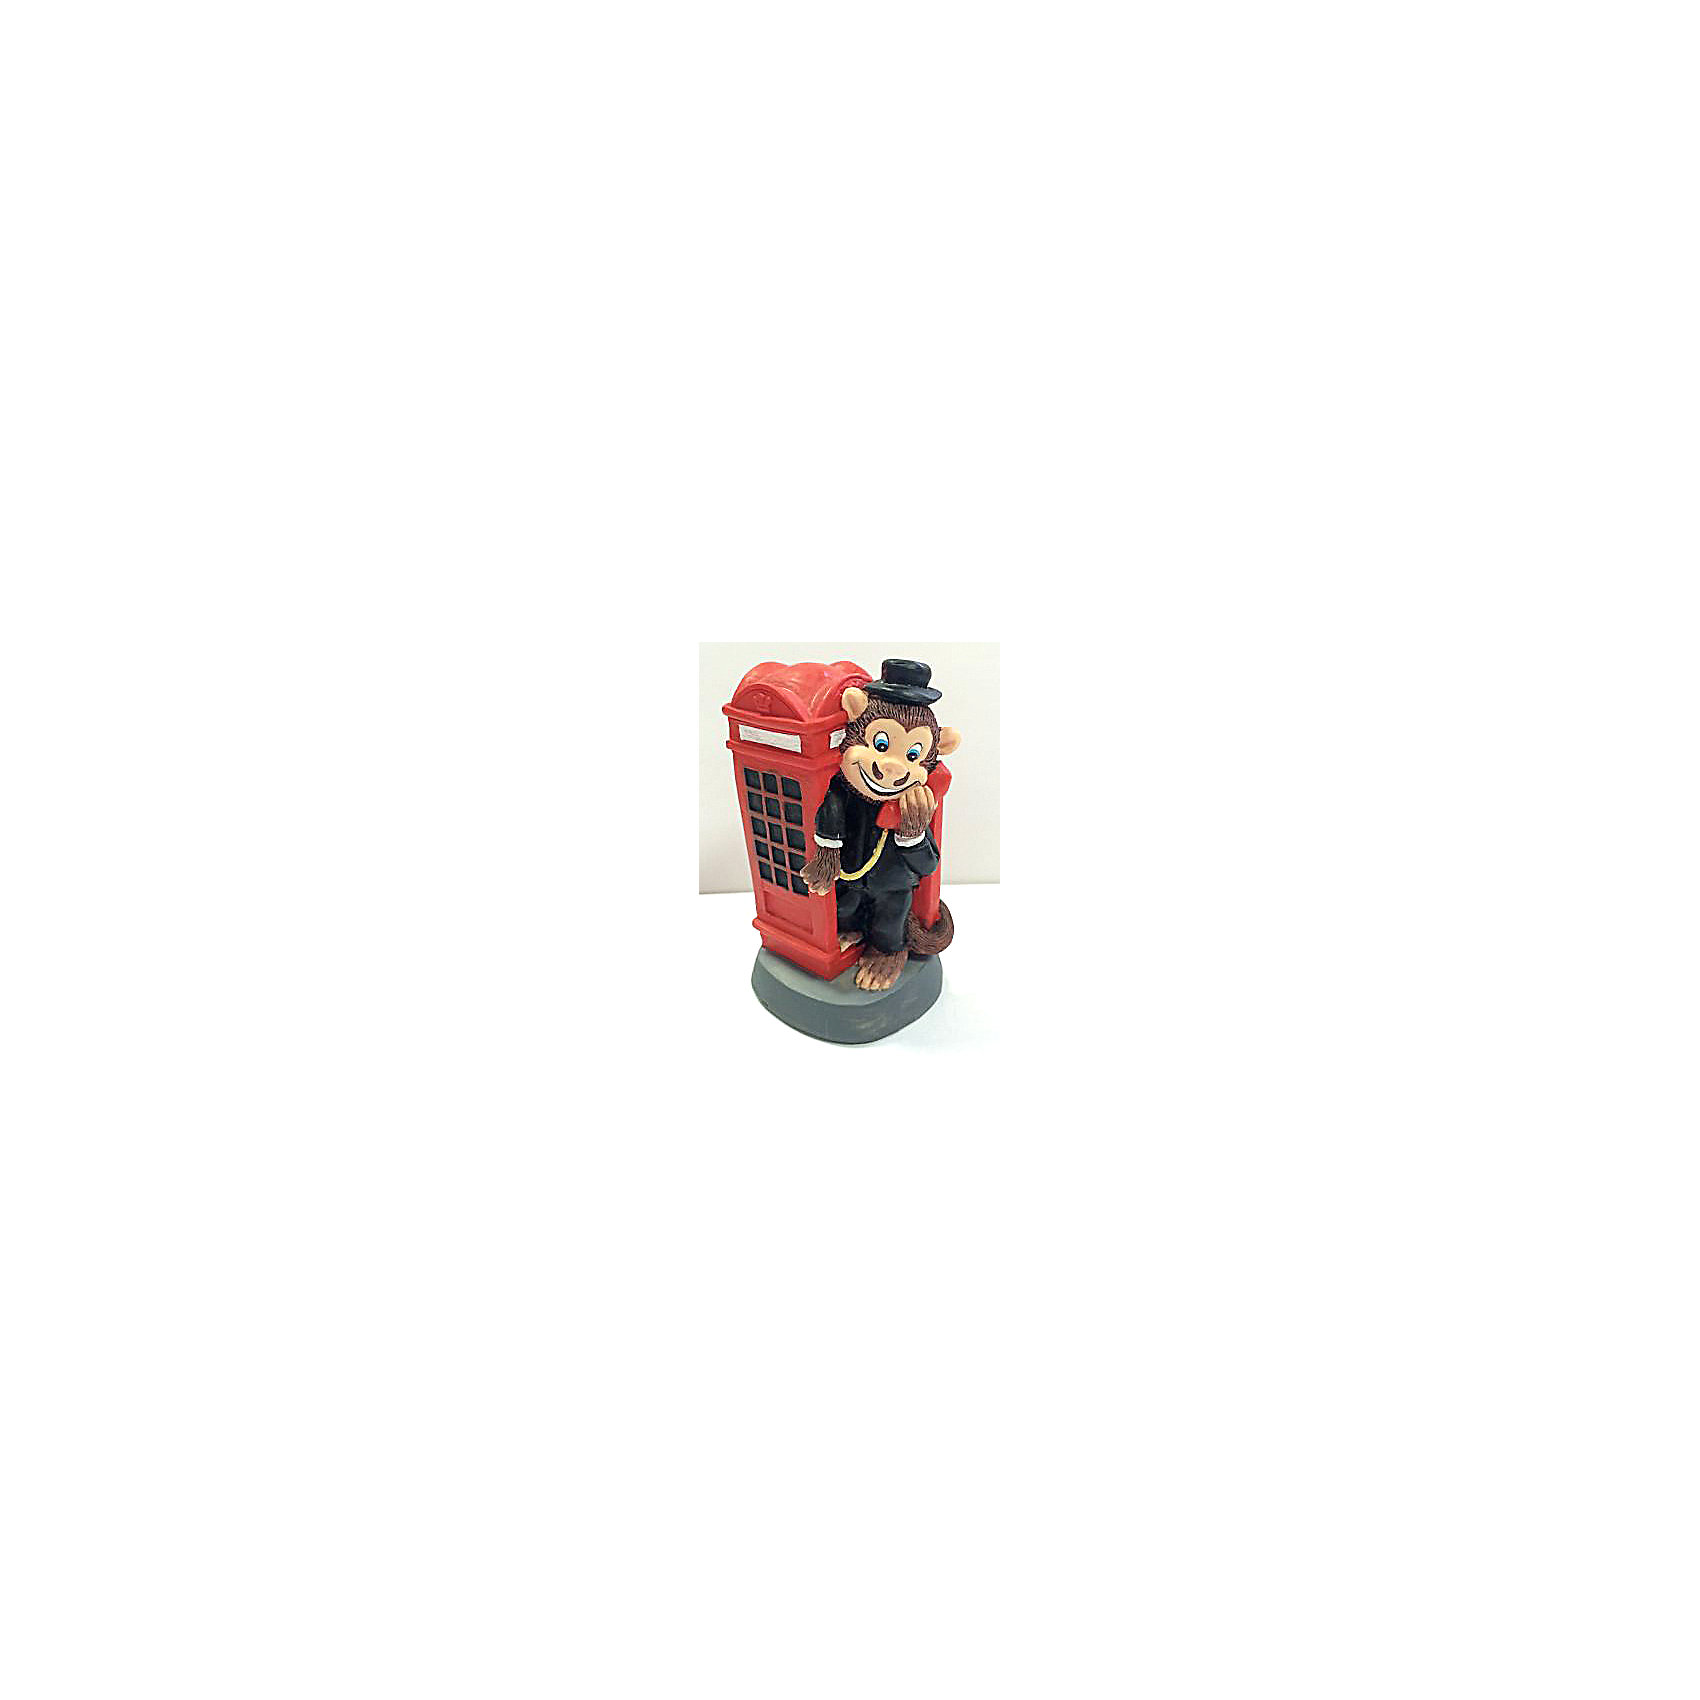 Декоративная обезьяна Англичанин в телефонной будкеНовинки Новый Год<br>Декоративная обезьянка Англичанин в телефонной будке, Феникс-Презент, прекрасно дополнит Ваш новогодний интерьер и станет приятным сувениром для родных и друзей. Веселая обезьянка представлена в образе классического англичанина, разговаривающего по телефону в красной телефонной будке. Обезьяна является символом Нового 2016 года, забавная фигурка принесет Вам радость и удачу и поднимет настроение.  <br><br>Дополнительная информация:<br><br>- Материал: полирезина. <br>- Размер фигурки: 4,8 х 4,5 х 8 см.<br><br>Декоративную обезьянку Англичанин в телефонной будке, Феникс-Презент,  можно купить в нашем интернет-магазине.<br><br>Ширина мм: 60<br>Глубина мм: 60<br>Высота мм: 90<br>Вес г: 100<br>Возраст от месяцев: 36<br>Возраст до месяцев: 2147483647<br>Пол: Унисекс<br>Возраст: Детский<br>SKU: 4276522